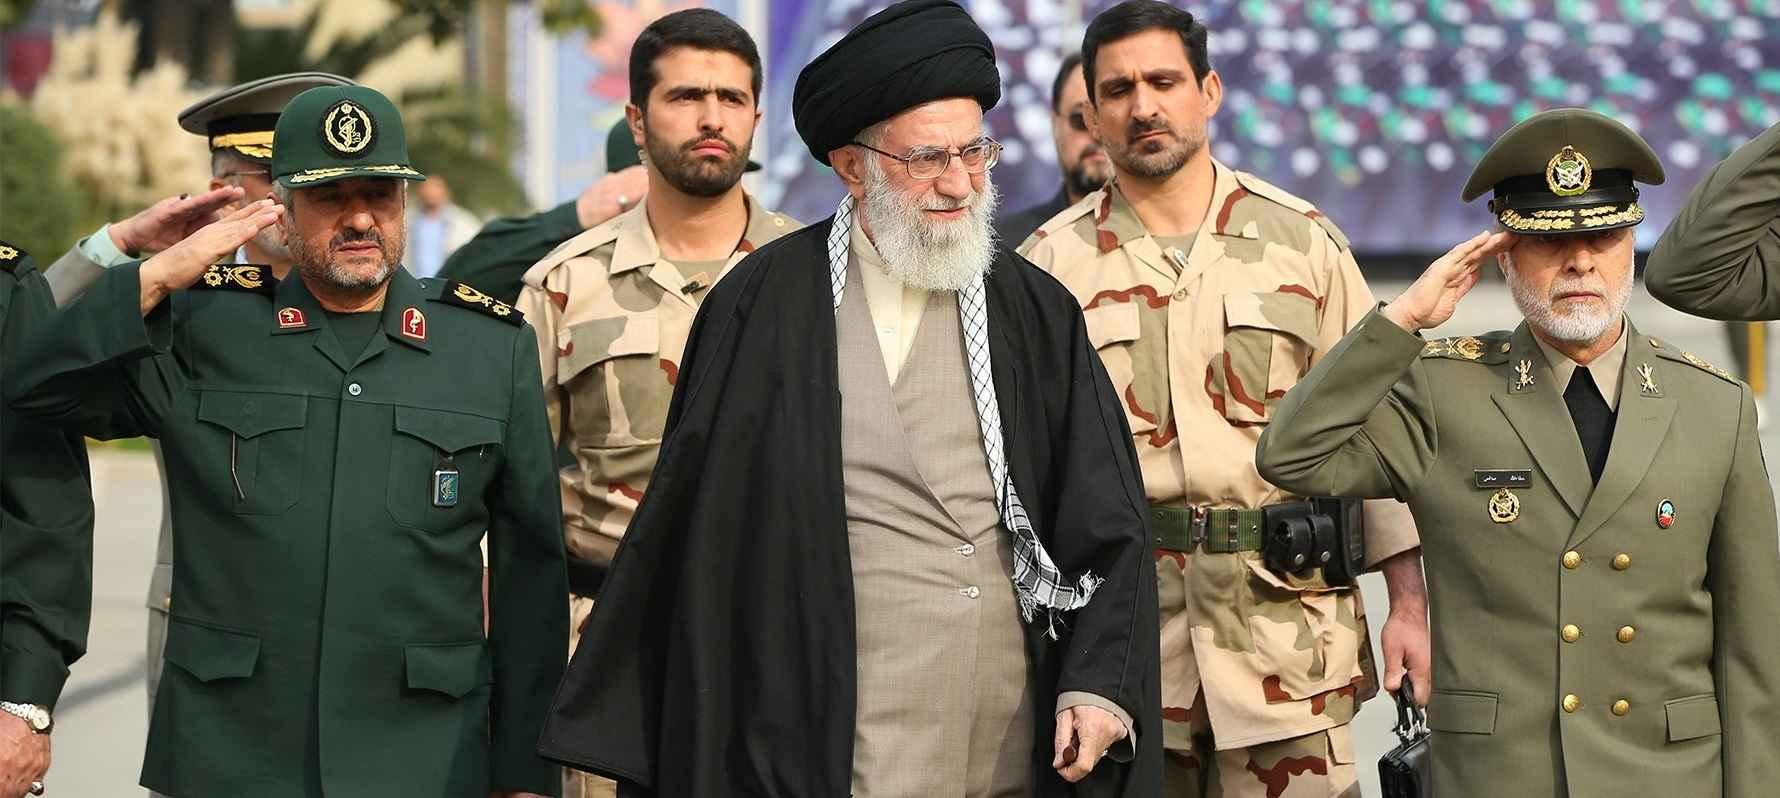 http://s4.picofile.com/file/8172444242/imam_khamenehee.jpg